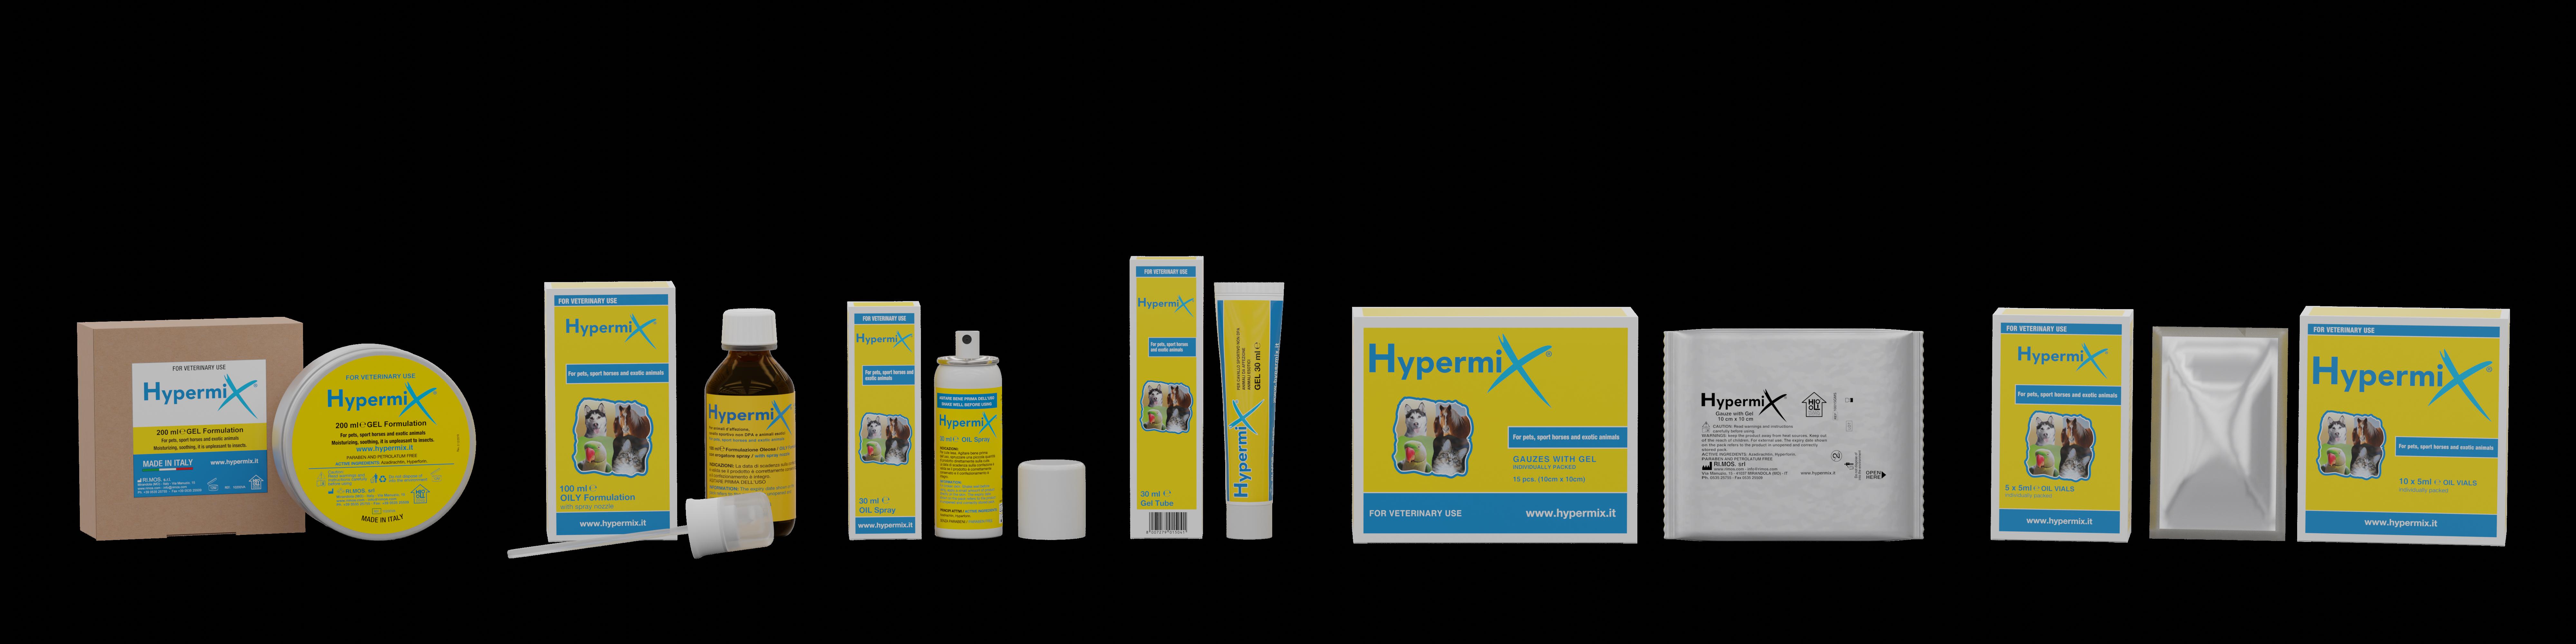 Hypermix